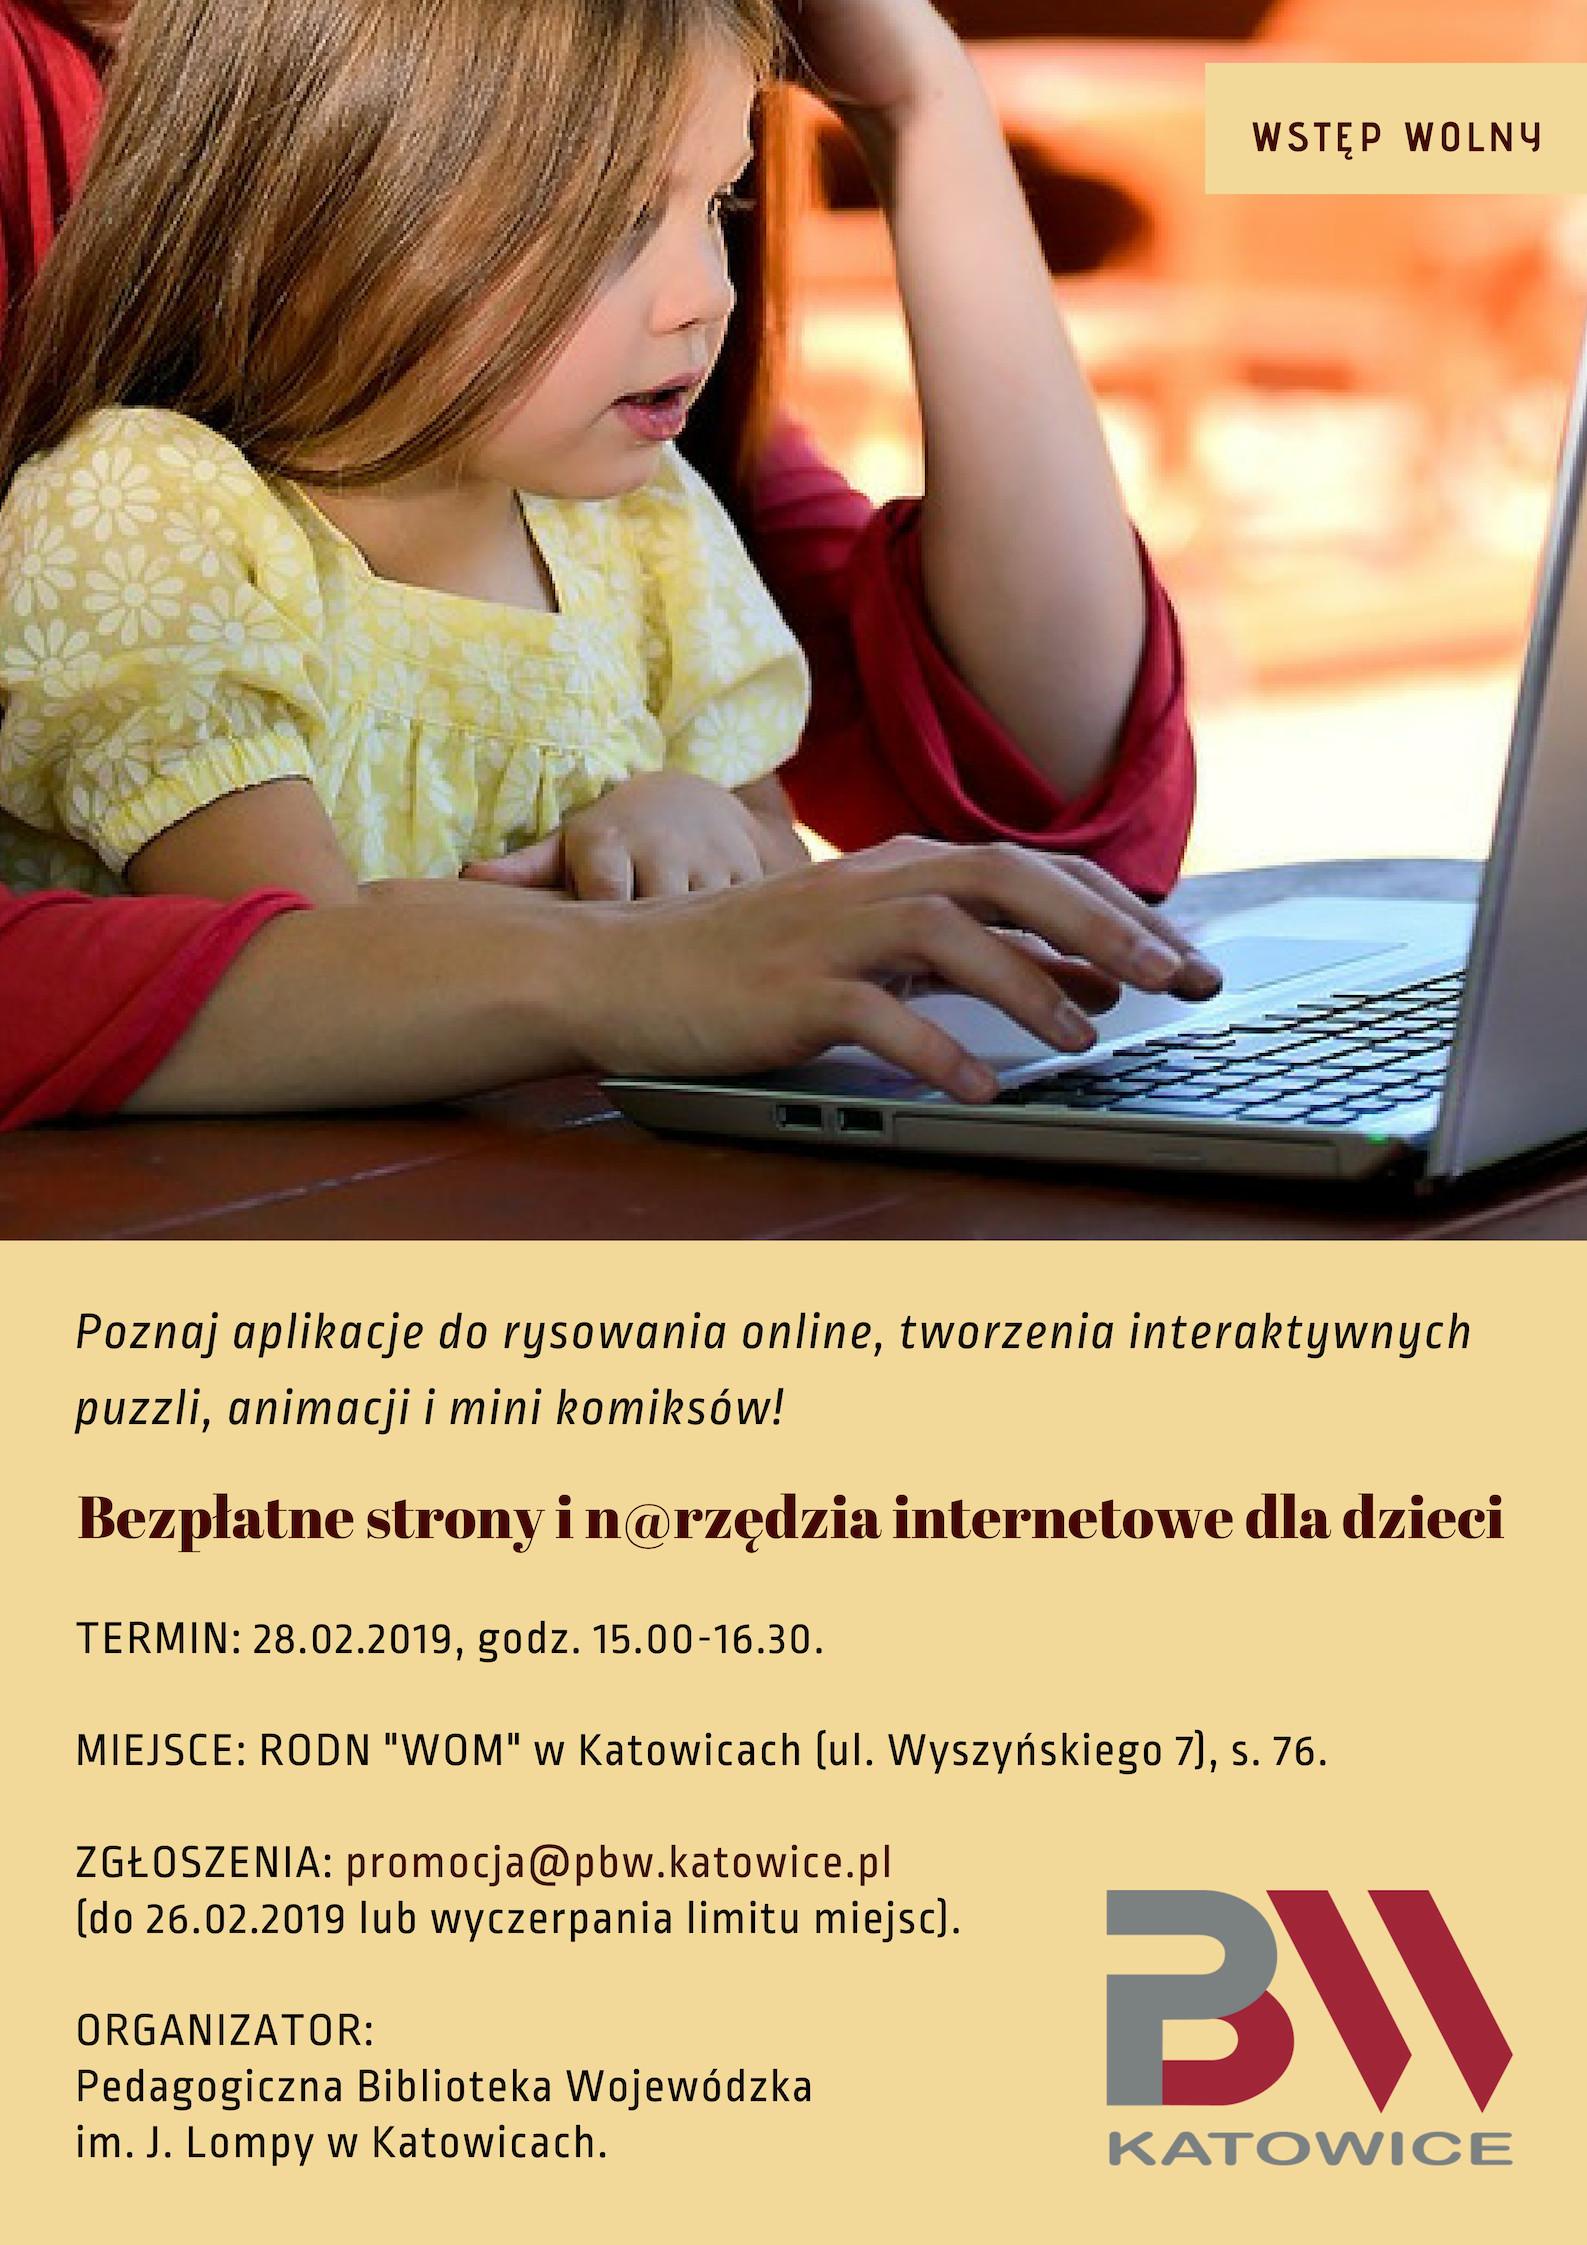 Warsztaty bezpłatne strony inarzędzia - plakat informacyjny